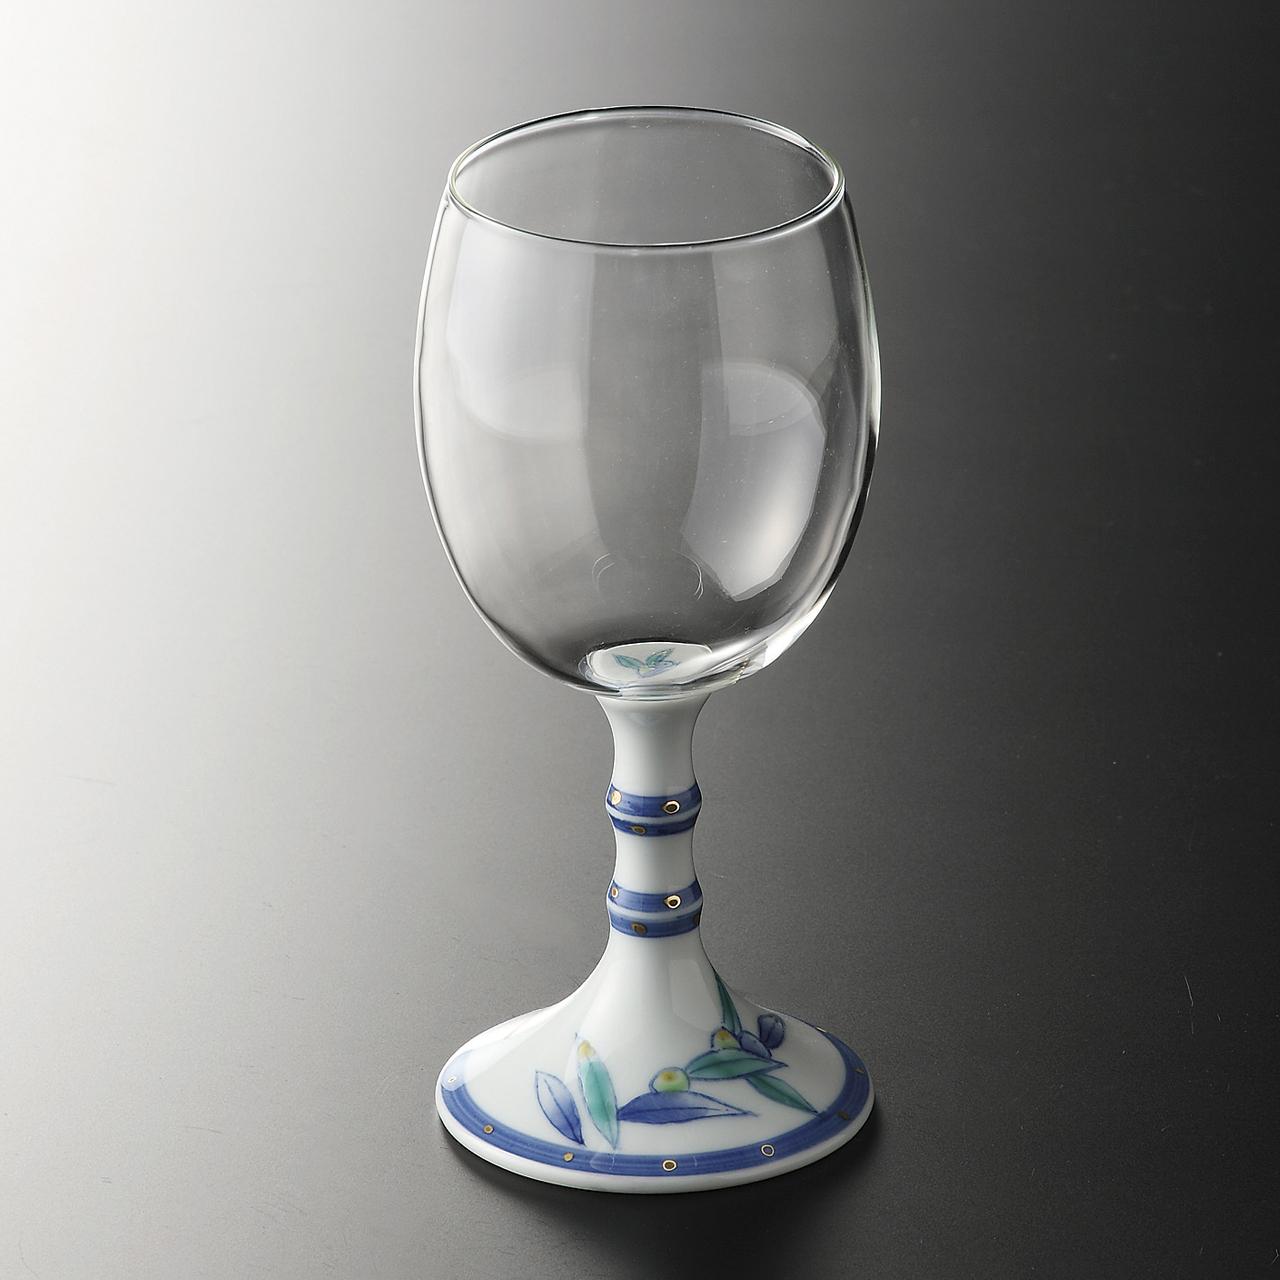 ワイングラス (オリーブ) 20-203